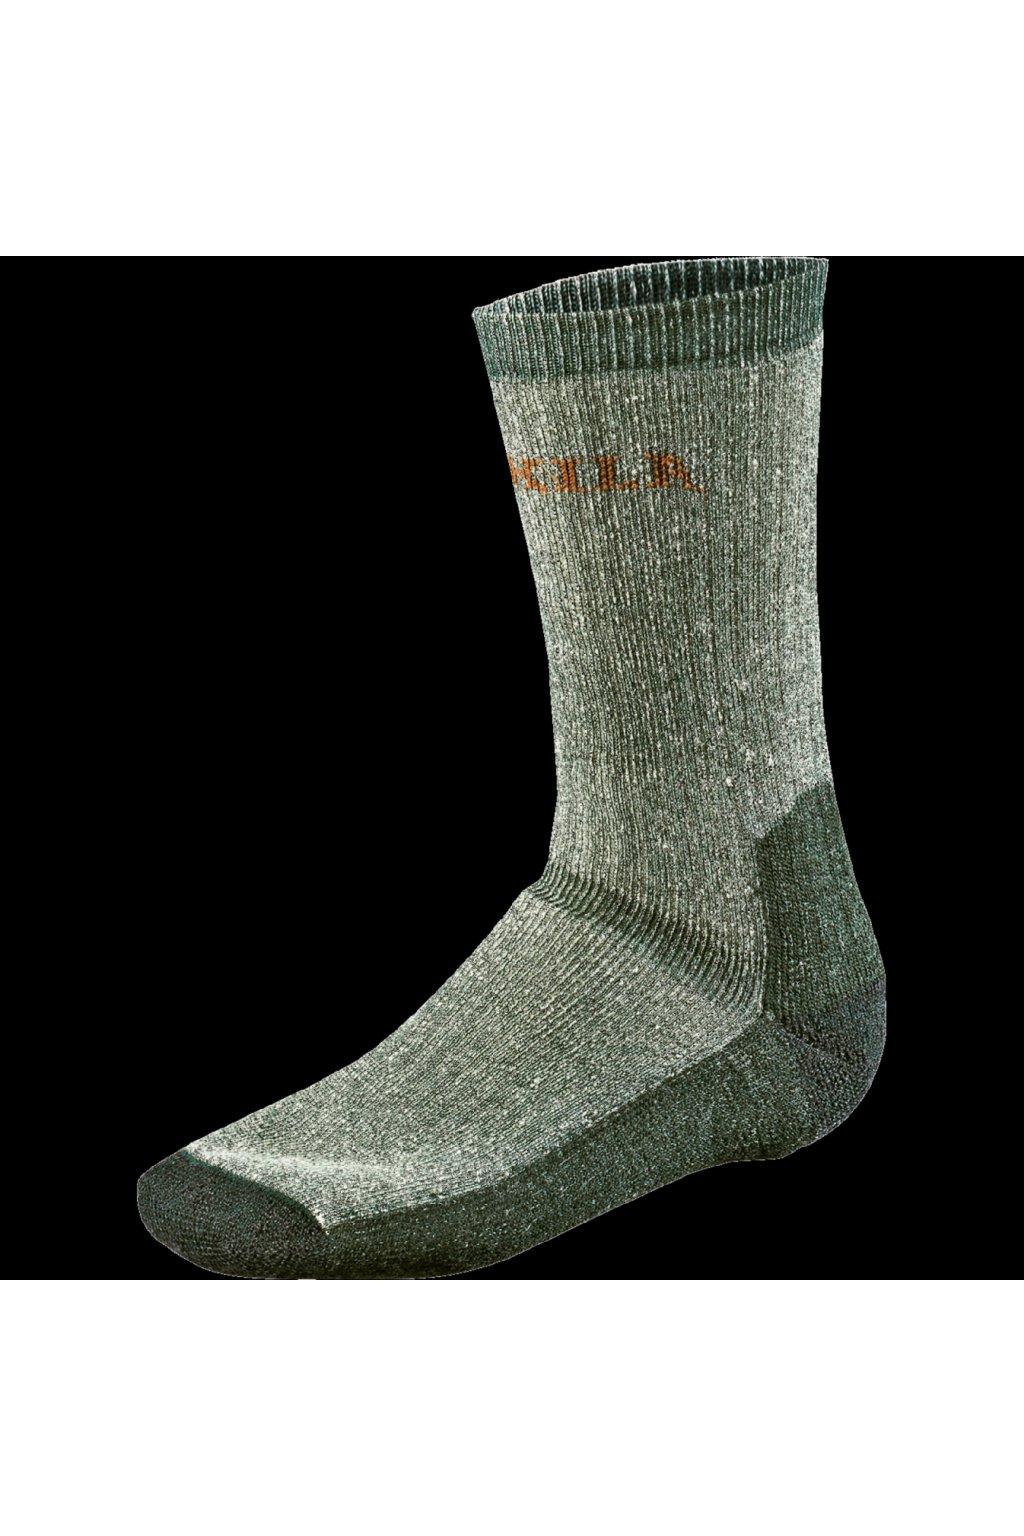 HÄRKILA - Expedition ponožky MERINO pánské zelené